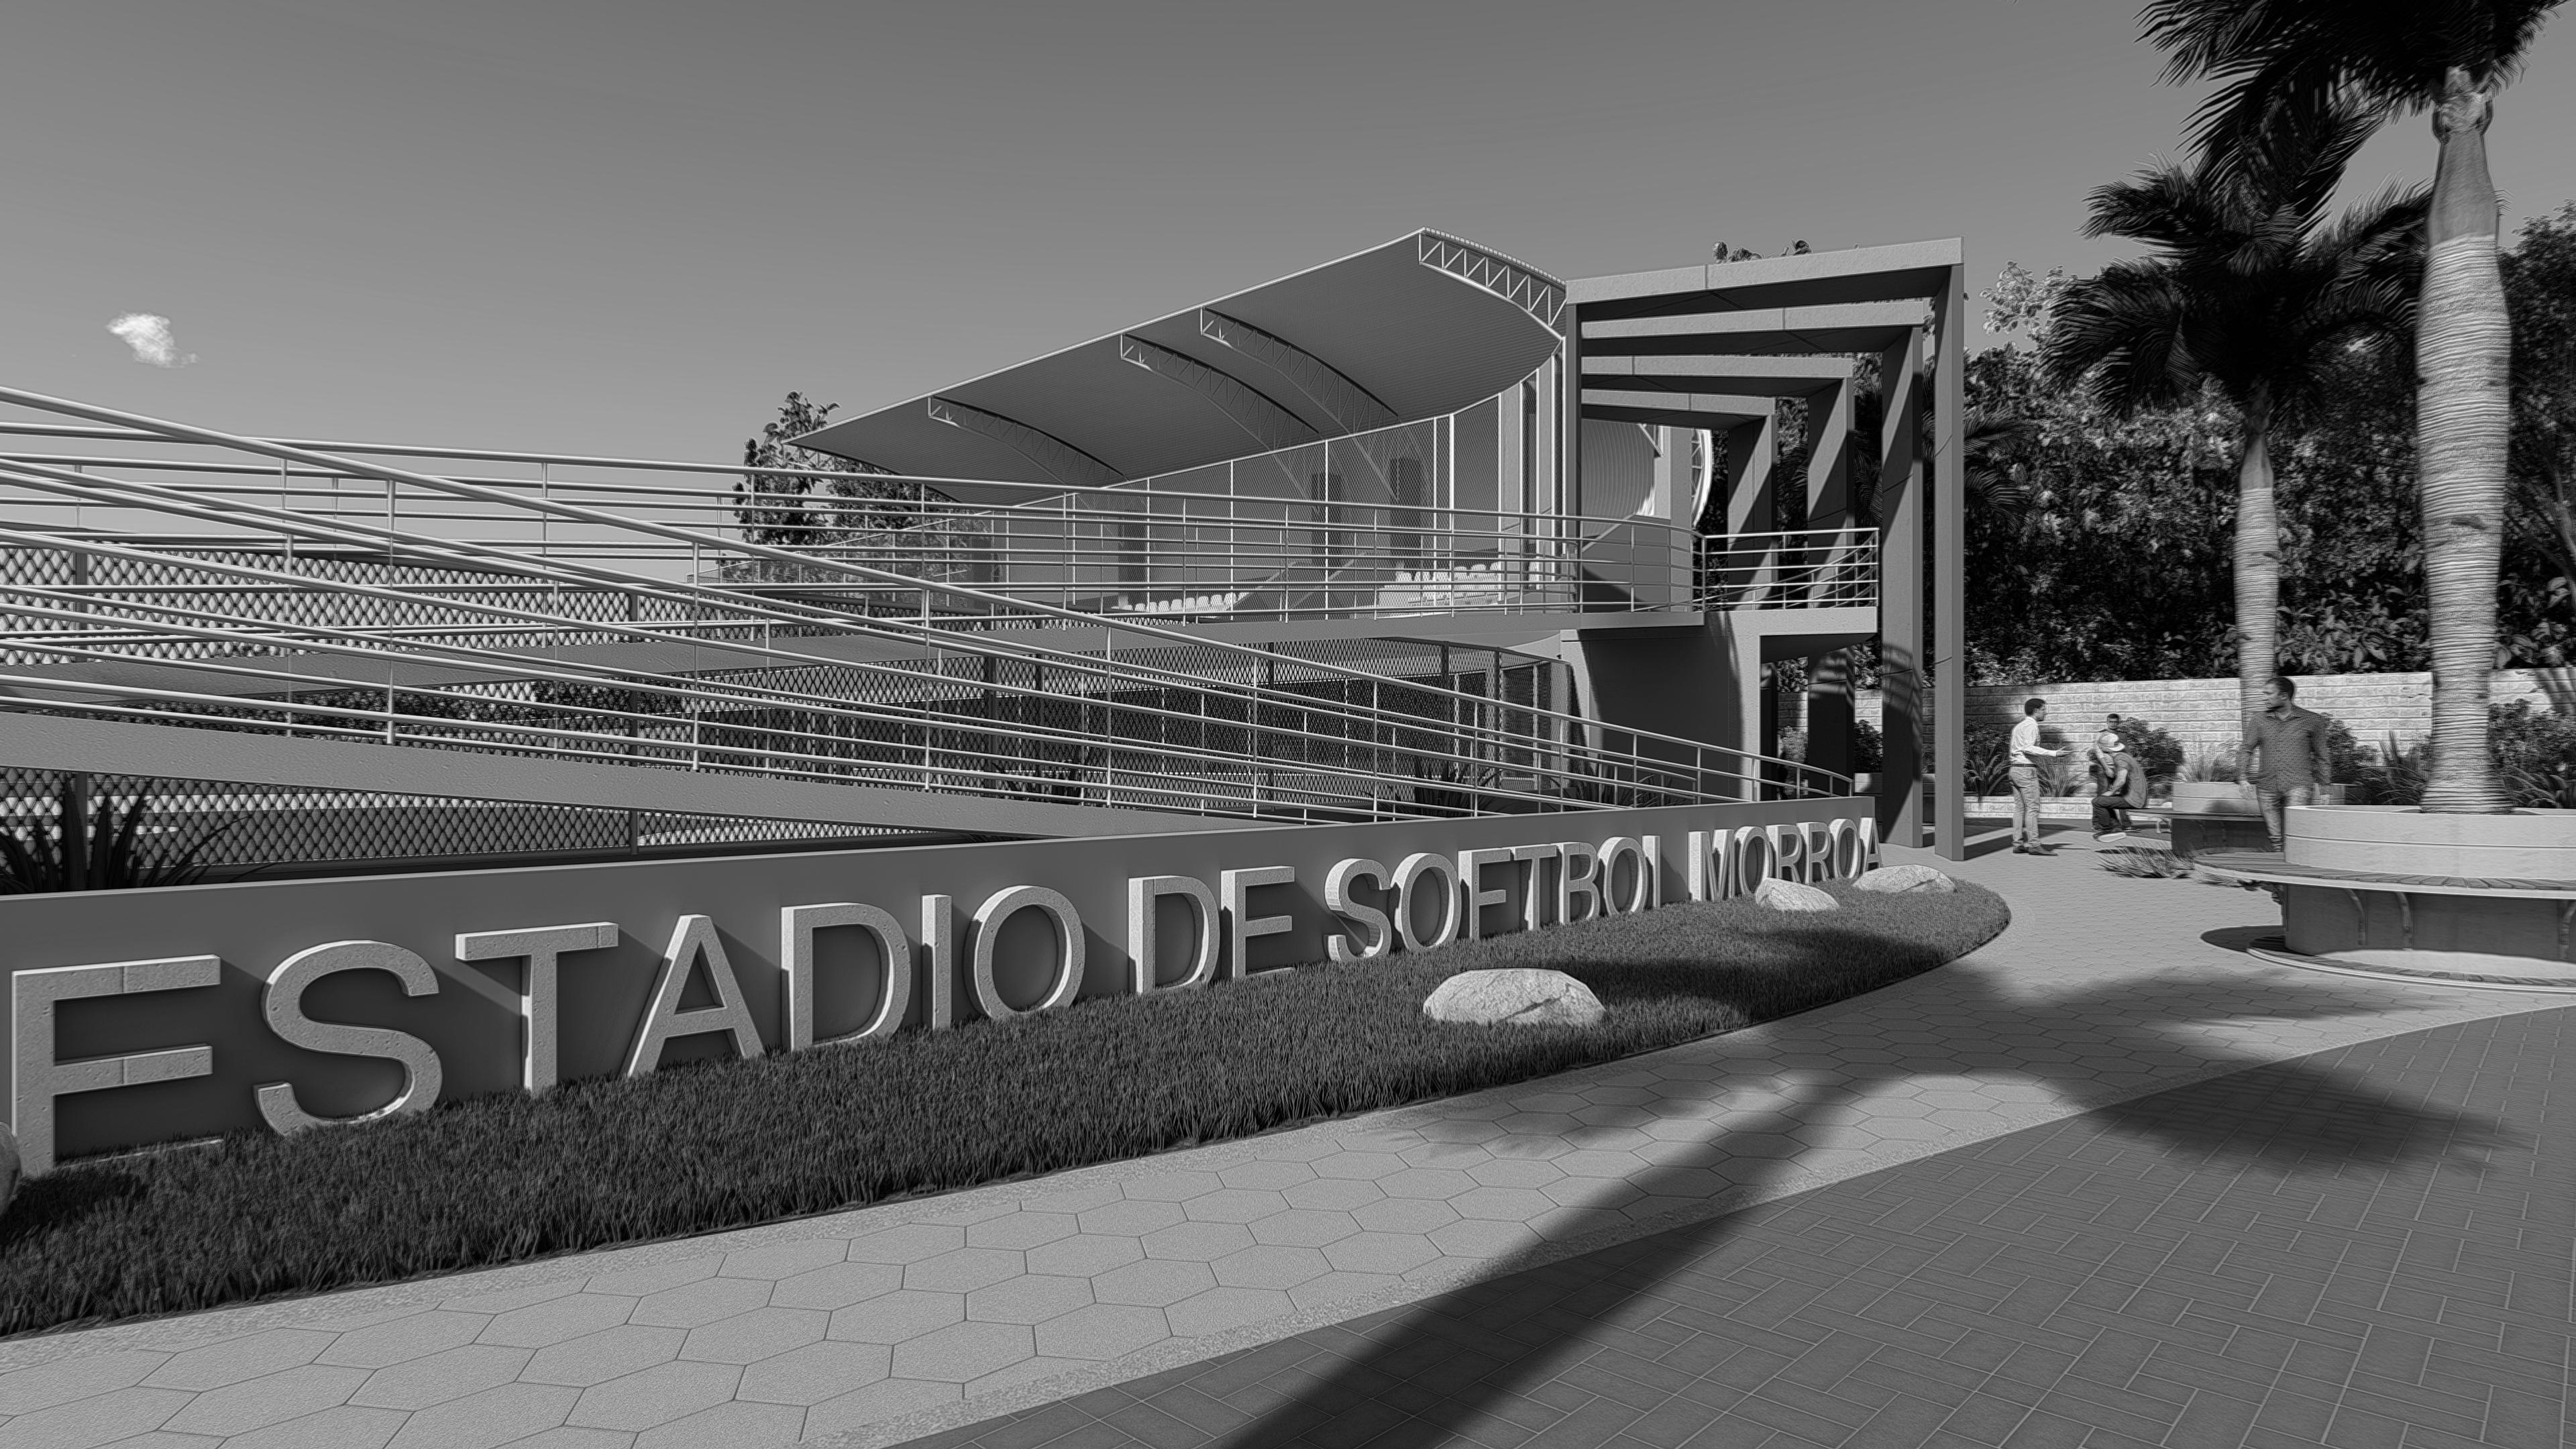 Estadio de Sóftbol- Morroa